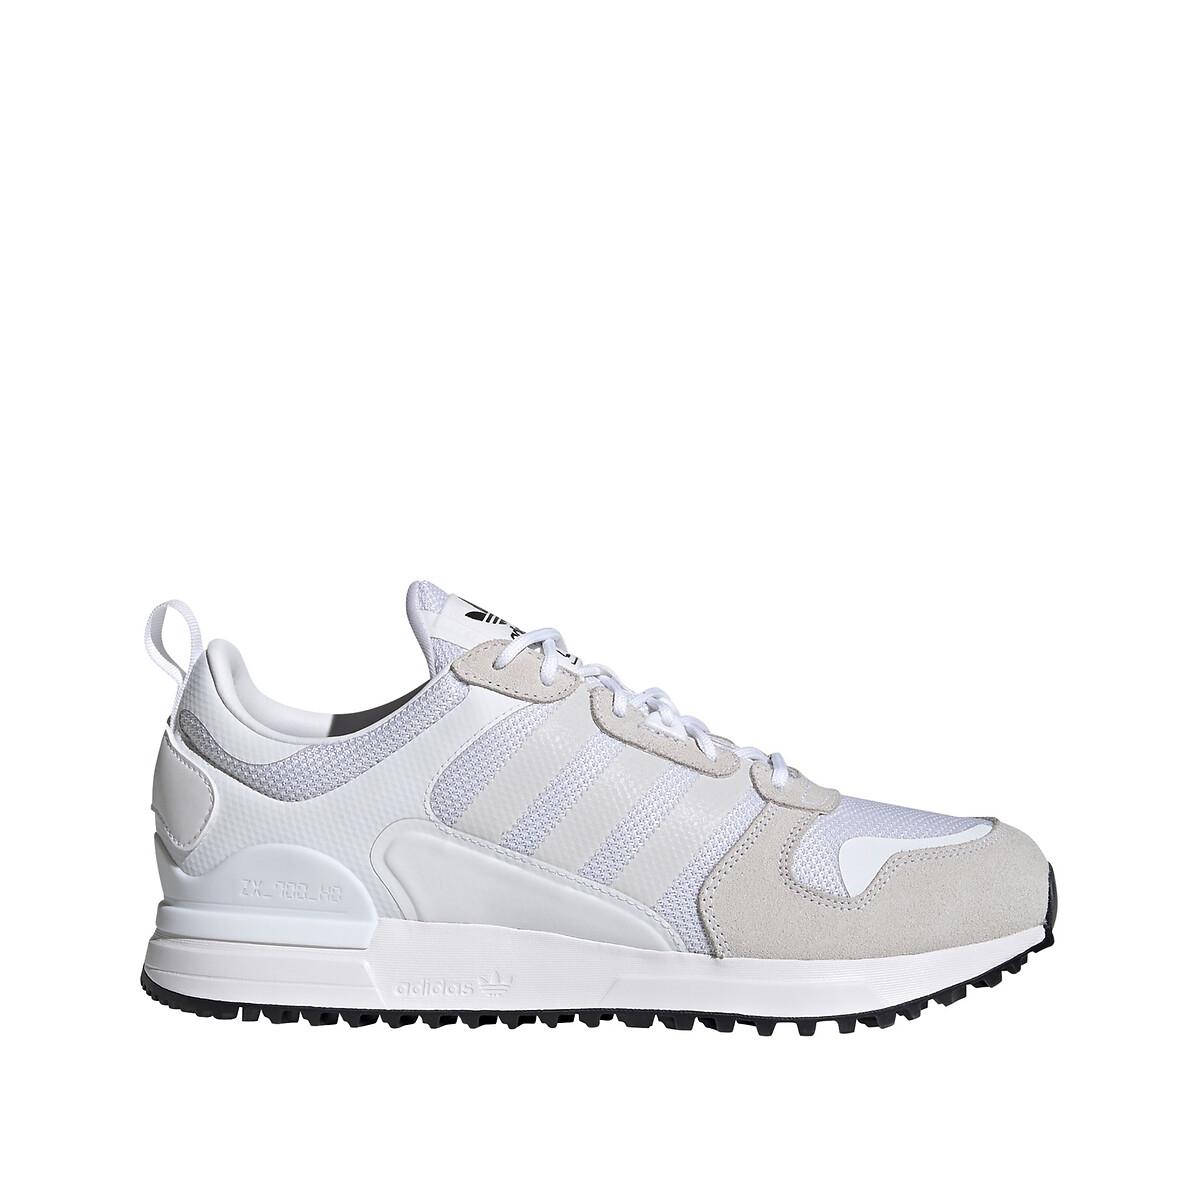 Adidas Originals ZX 700 HD Heren Cloud White / Cloud White / Core Black Heren online kopen